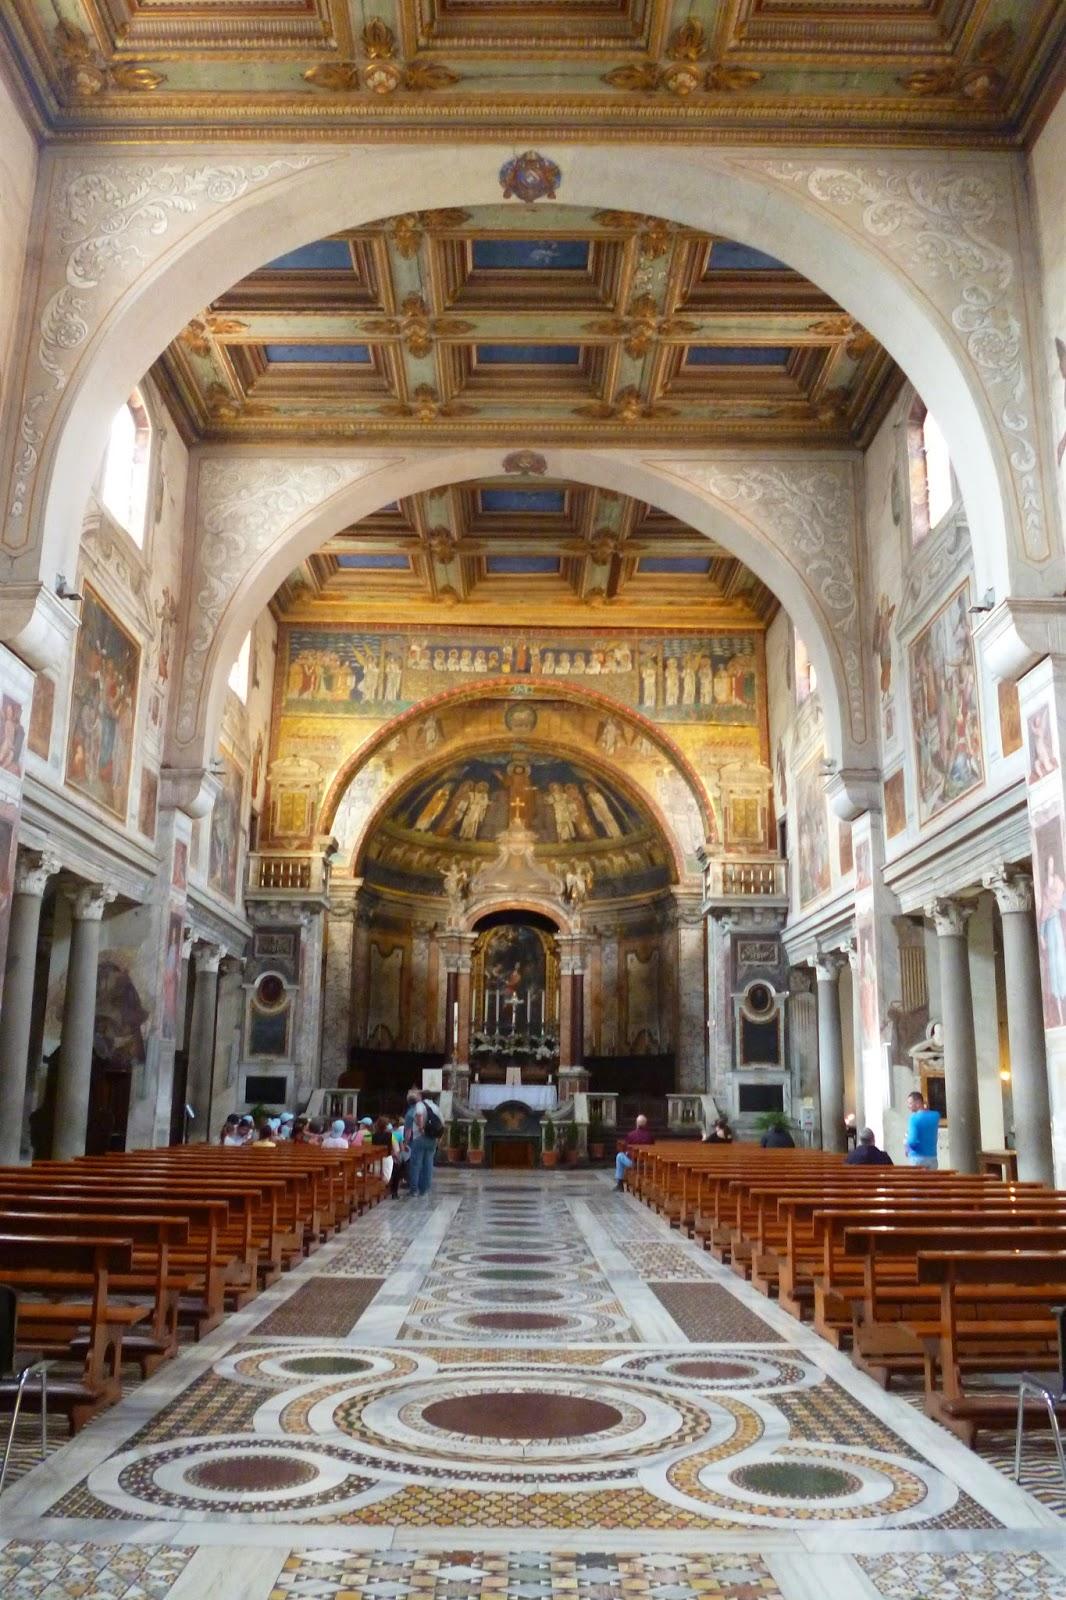 Basilica Santa Prassede nave - Basílica de Santa Prassede